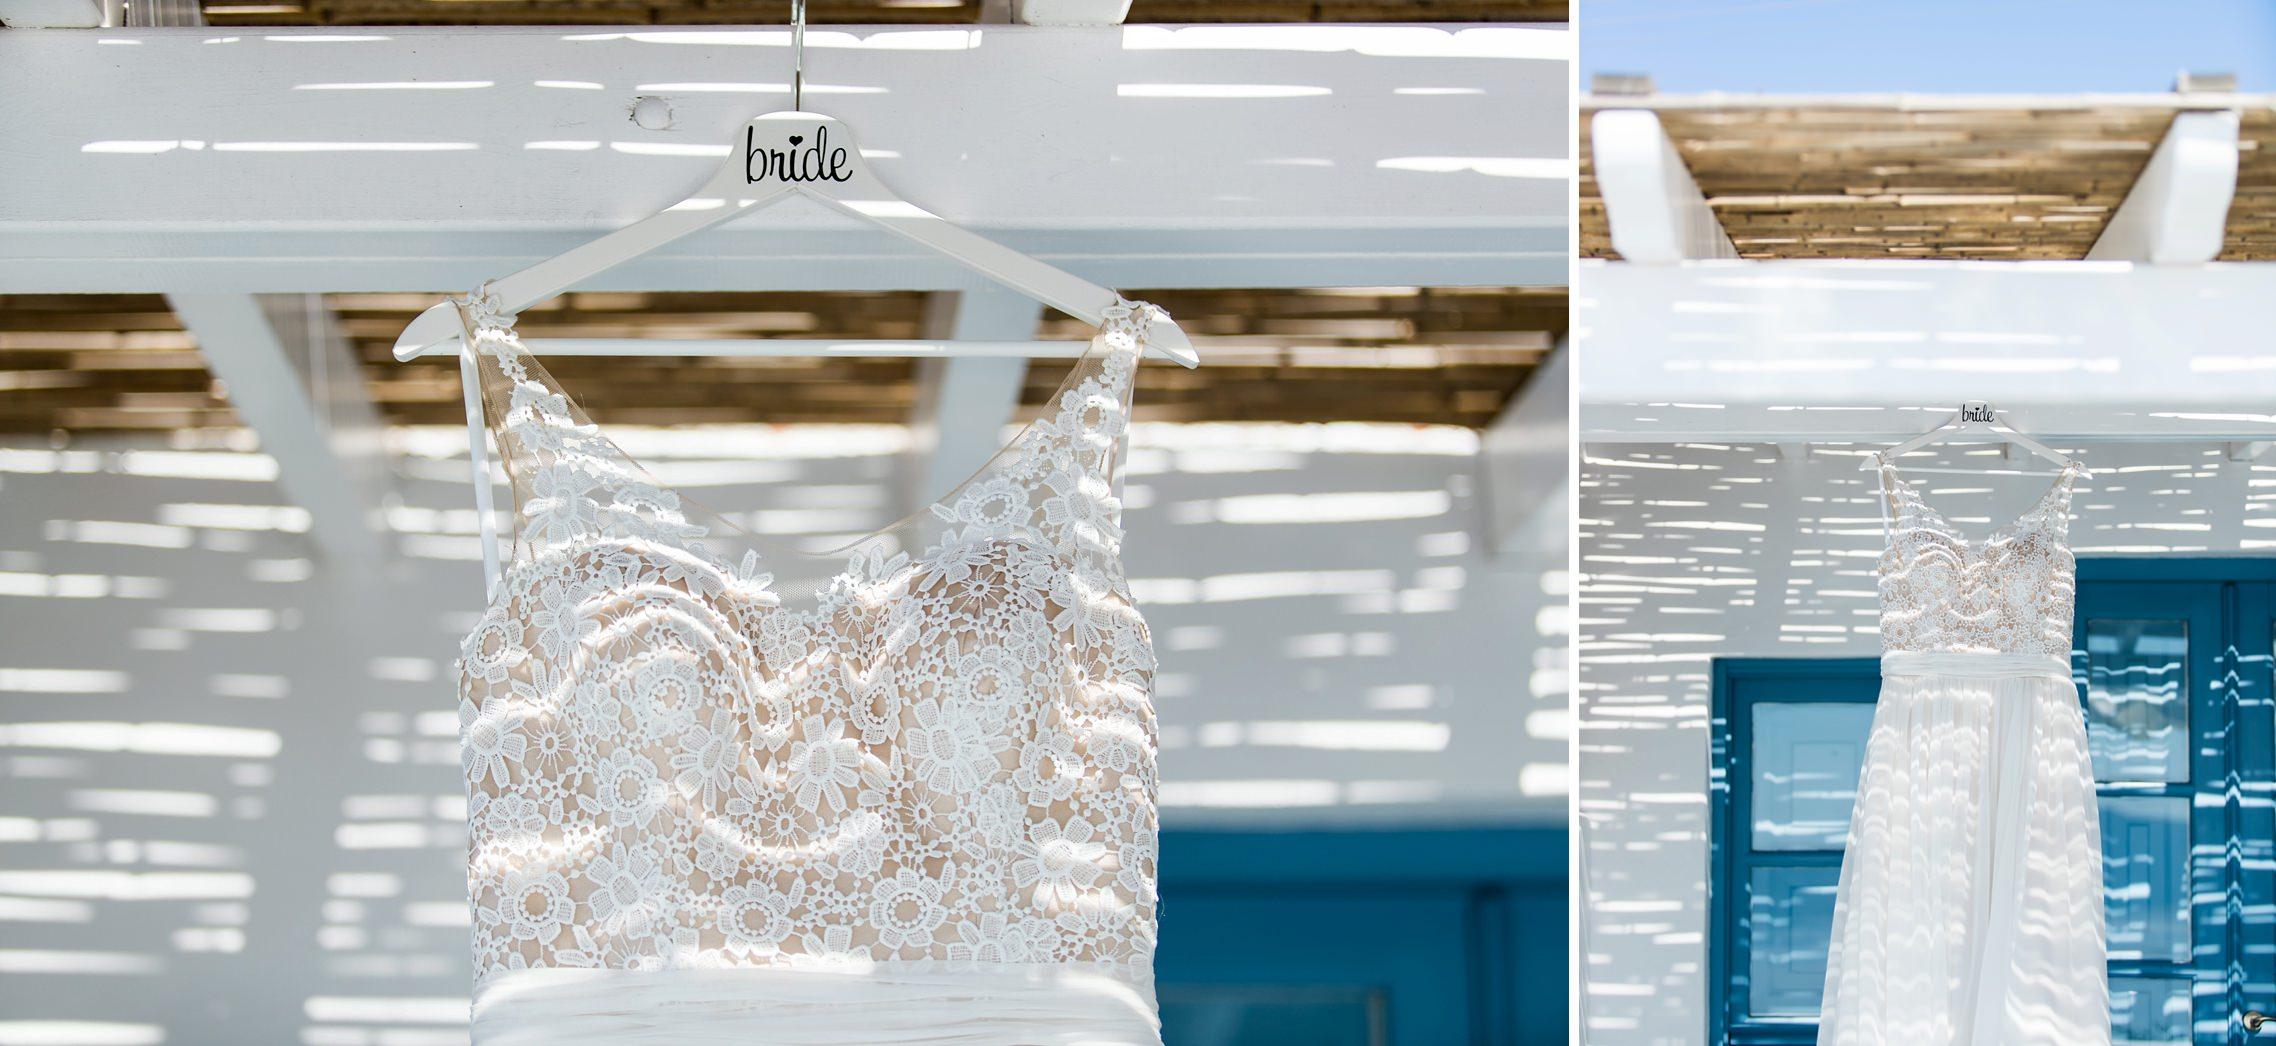 After-Wedding-Shooting Santorini: Das Brautkleid hängt unter dem Strohdach der Appartment-Terrasse.